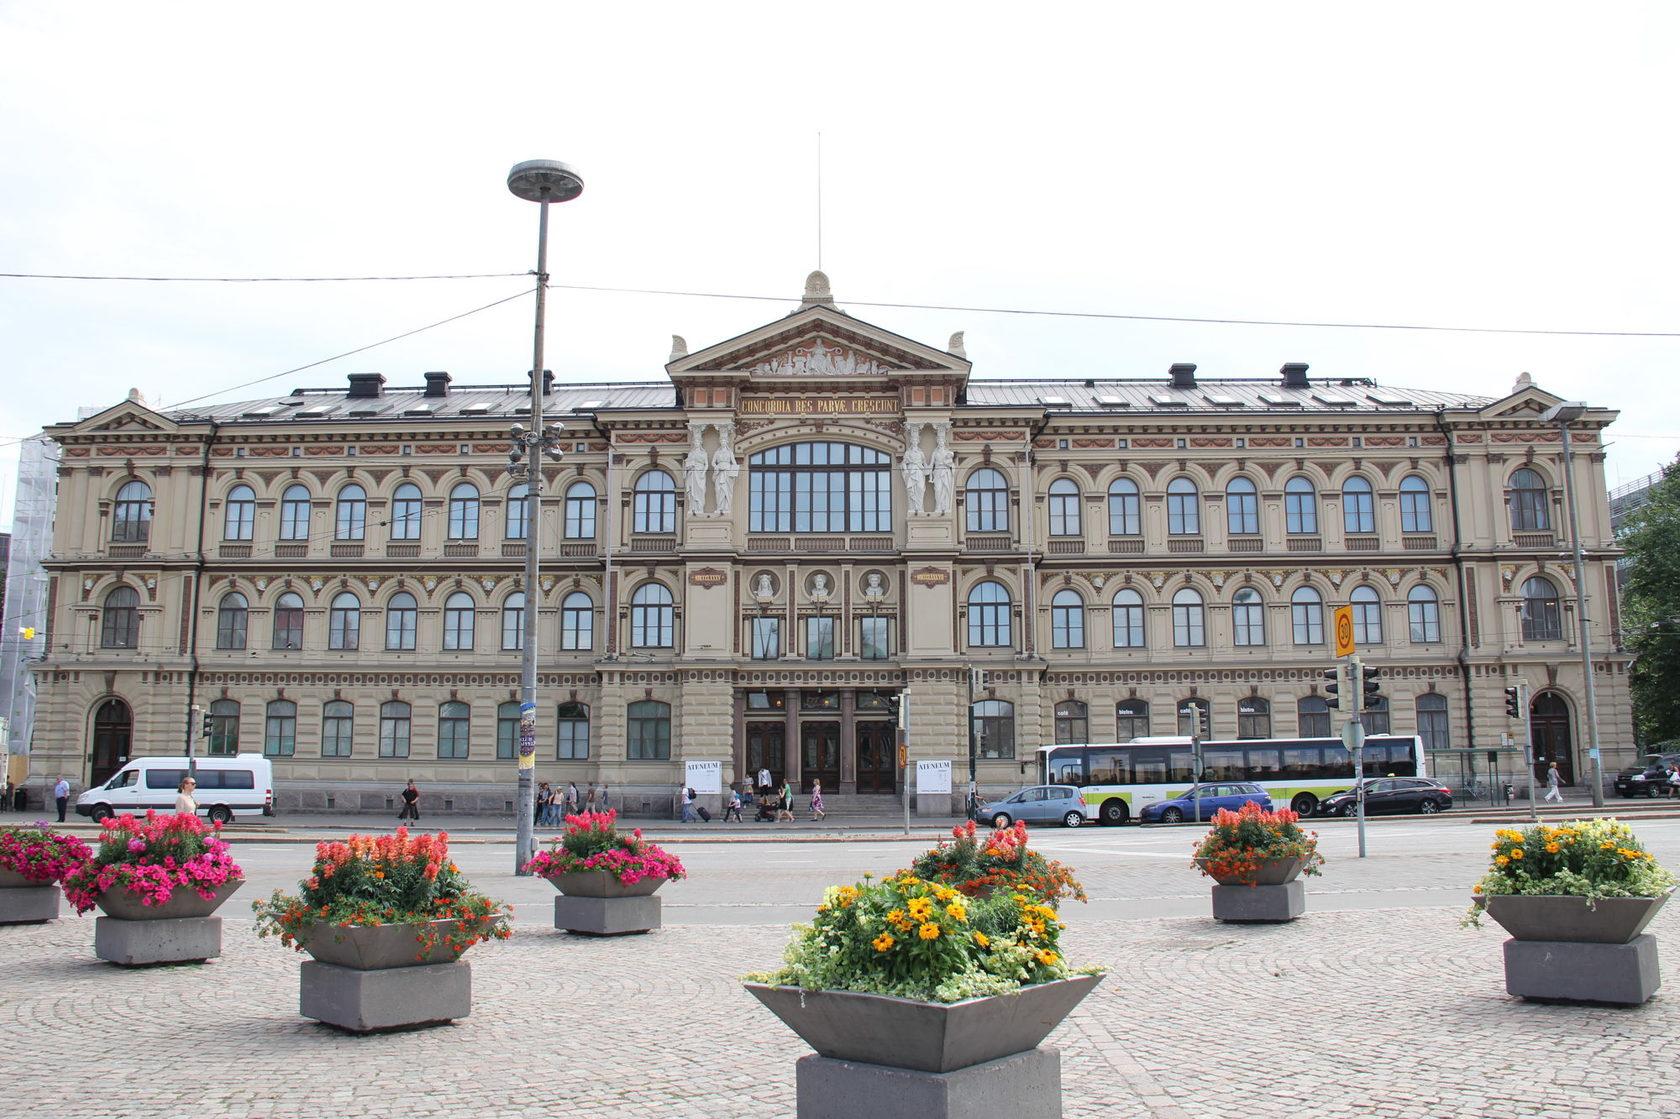 Музей Атенеум в Хельсинки, описание, цены, график работы